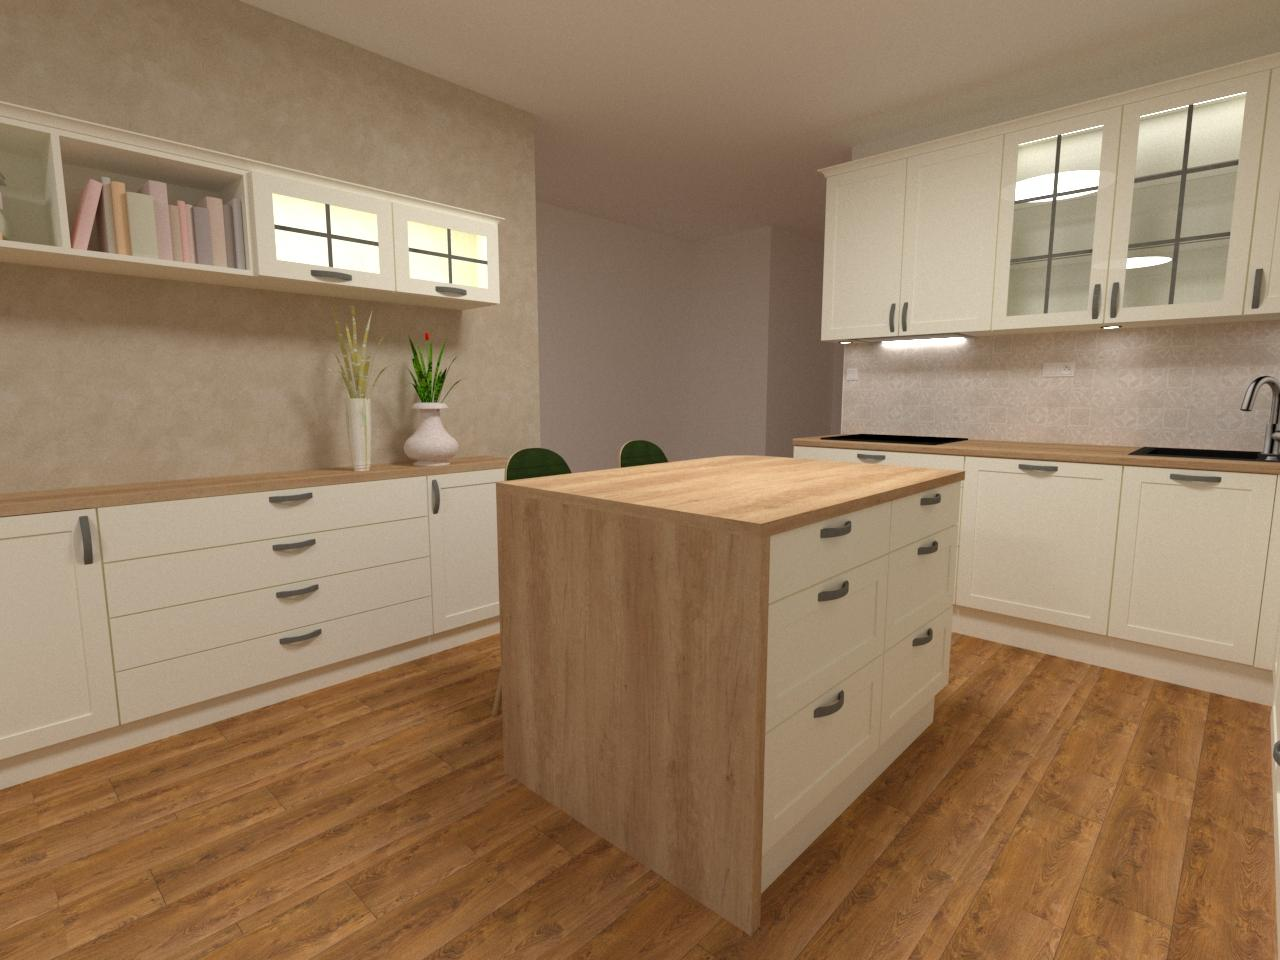 Grafické návrhy kuchynských liniek 2020 - Grafický návrh kuchynskej linky v bytovej novostavbe vo vidieckom štýle - obr.3